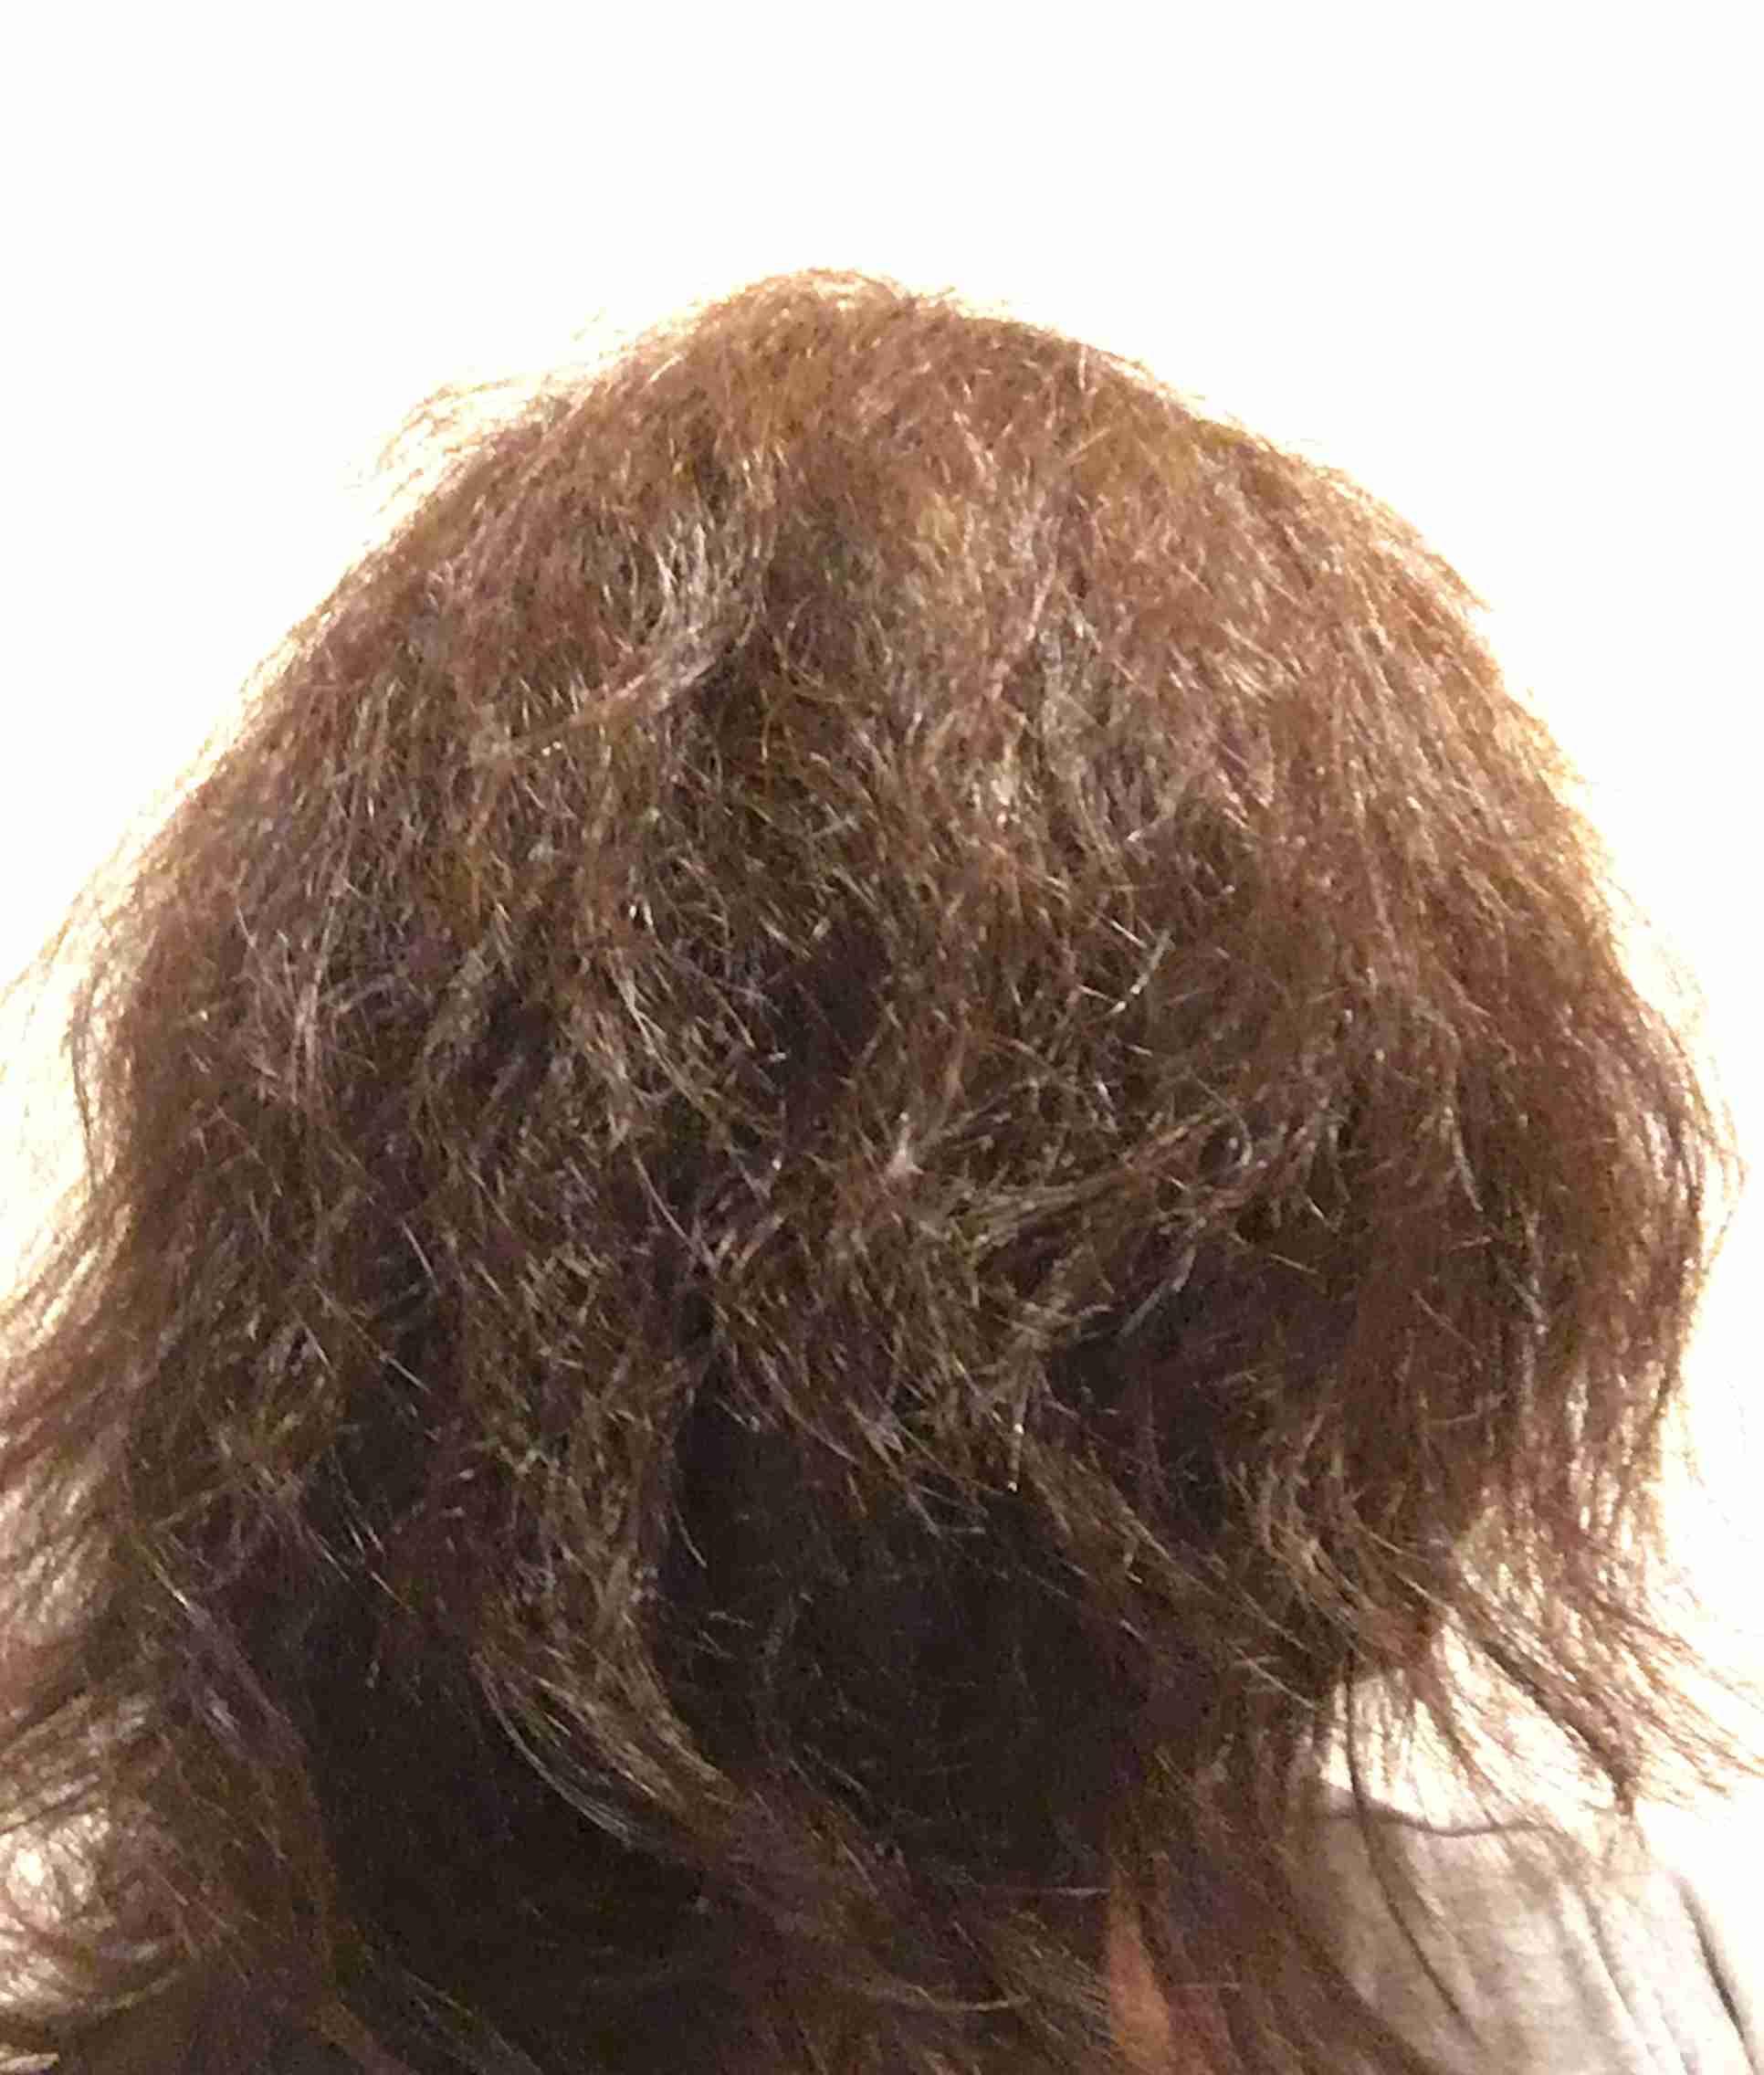 くせ毛、天然パーマでよかったと思うことありますか?